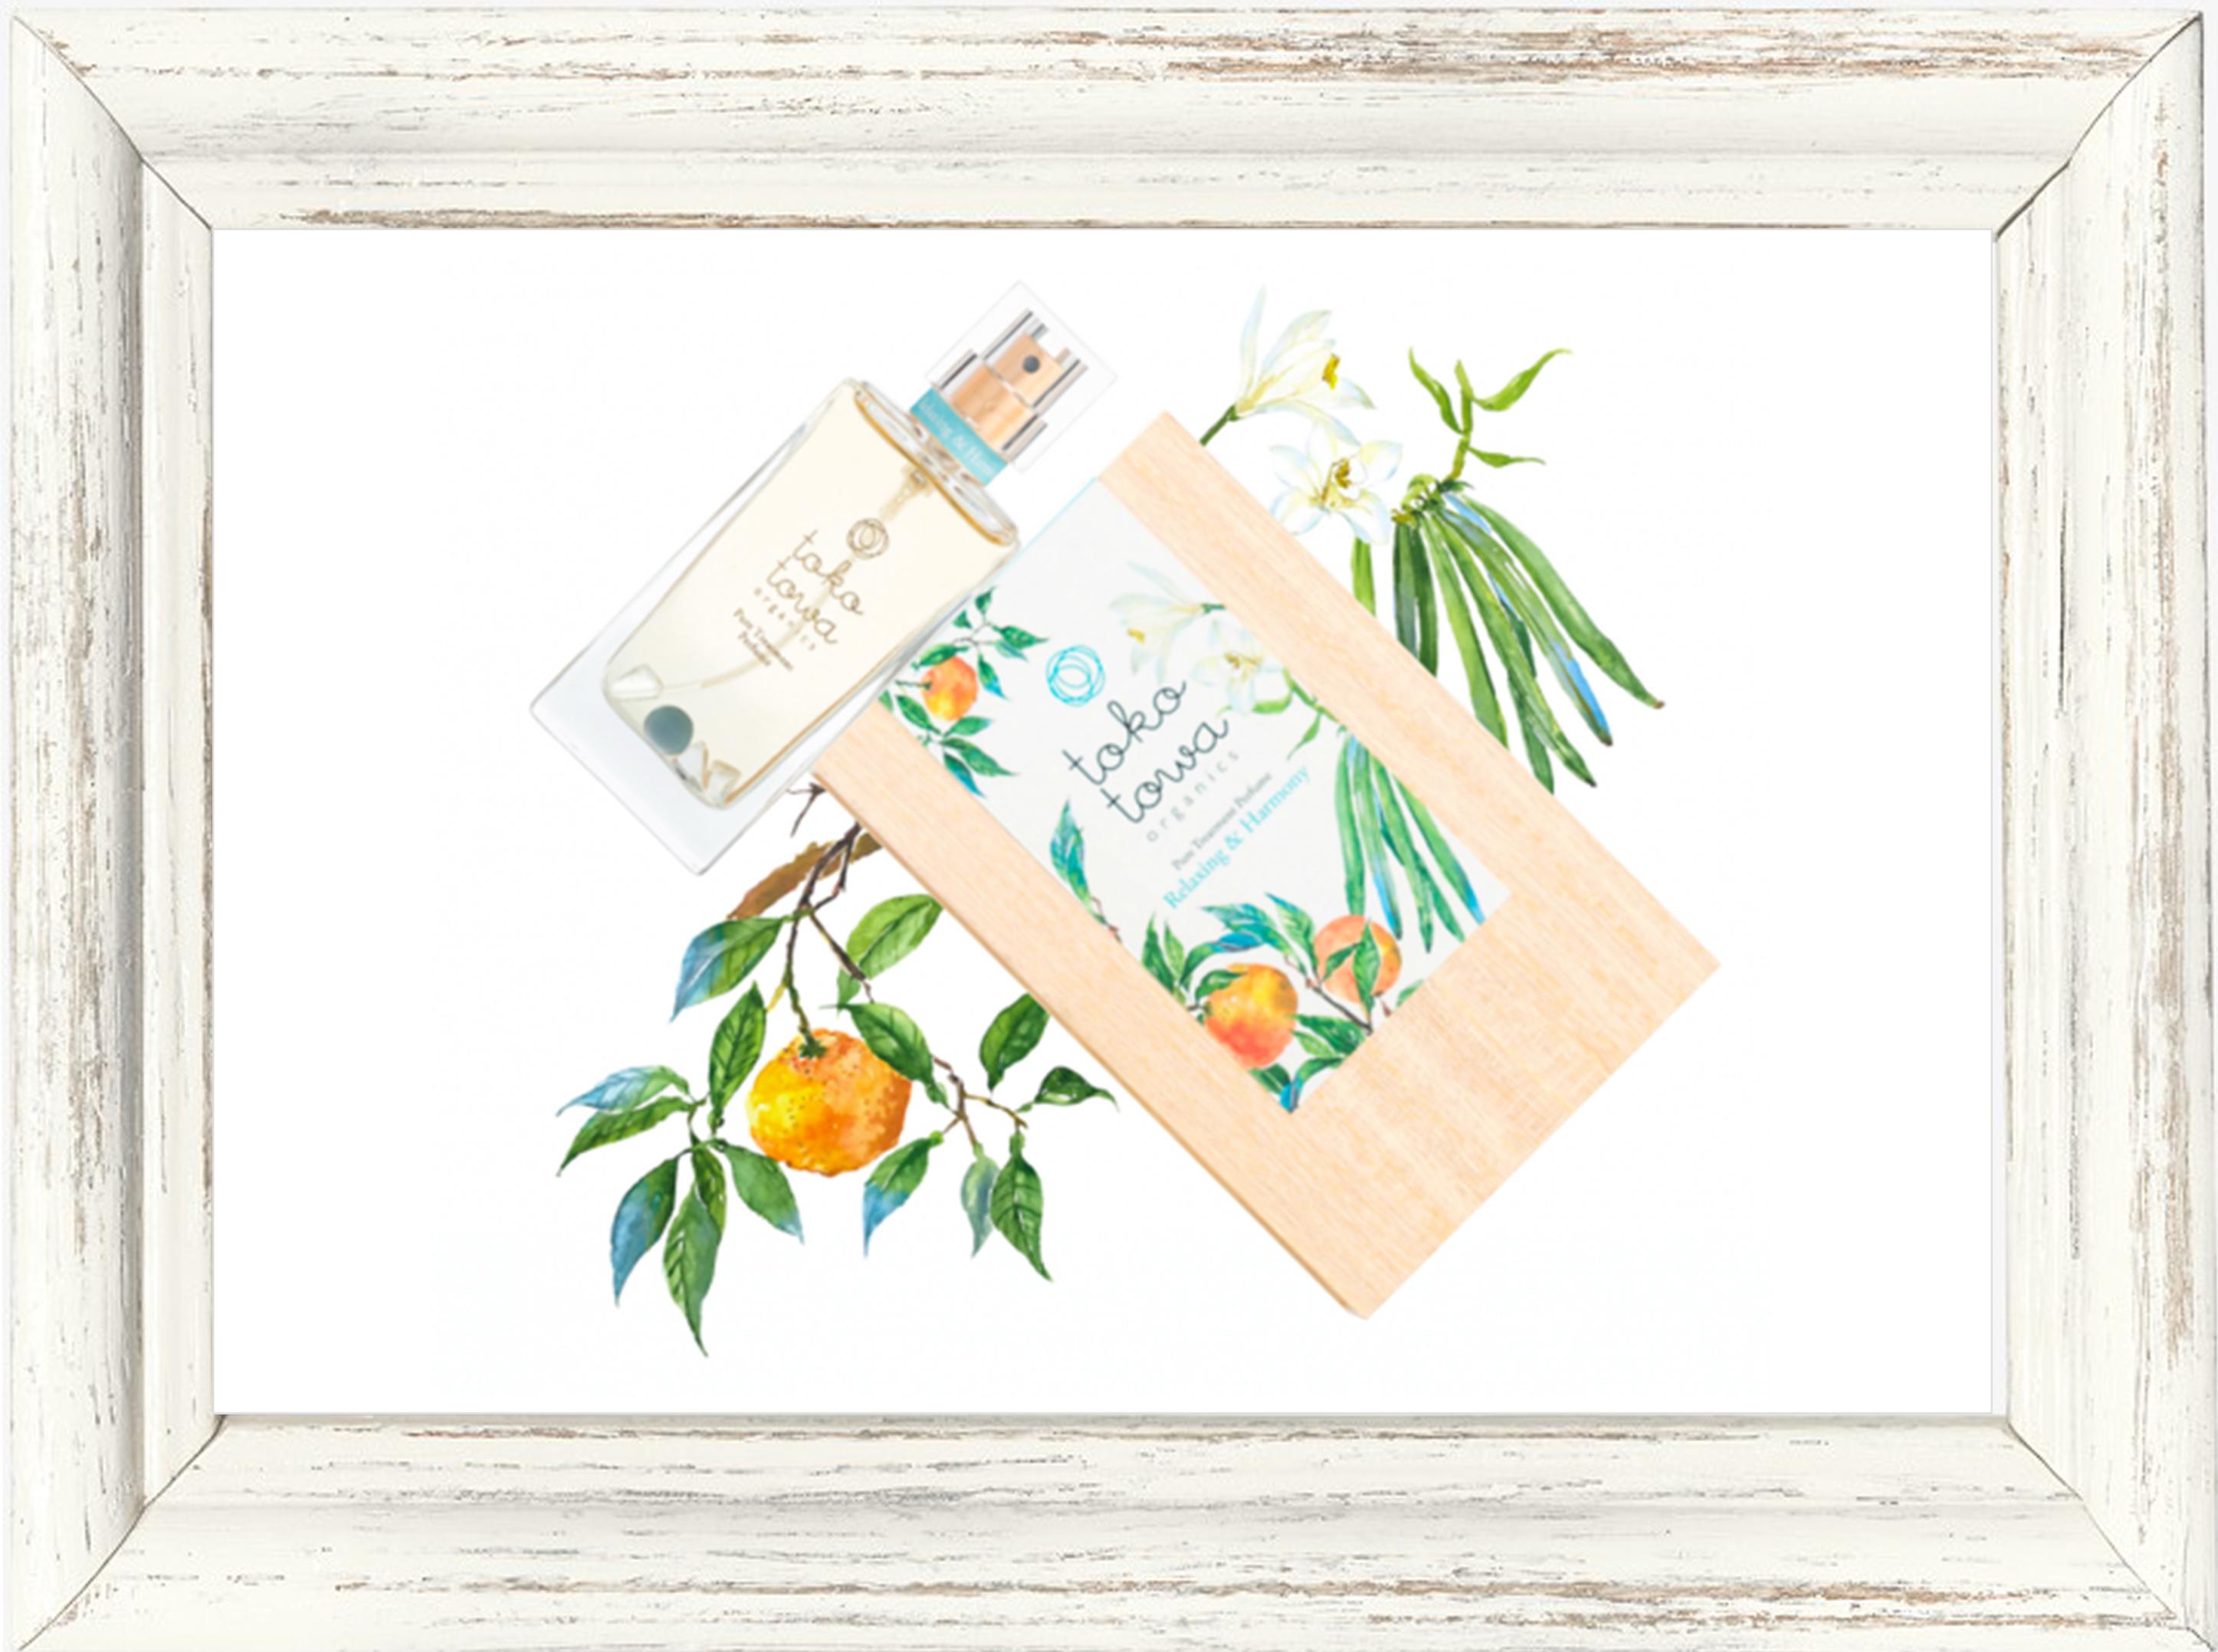 パフューム▶︎tokotowa organics リラクシング&ハーモニー(ブルー) 香水 25ml